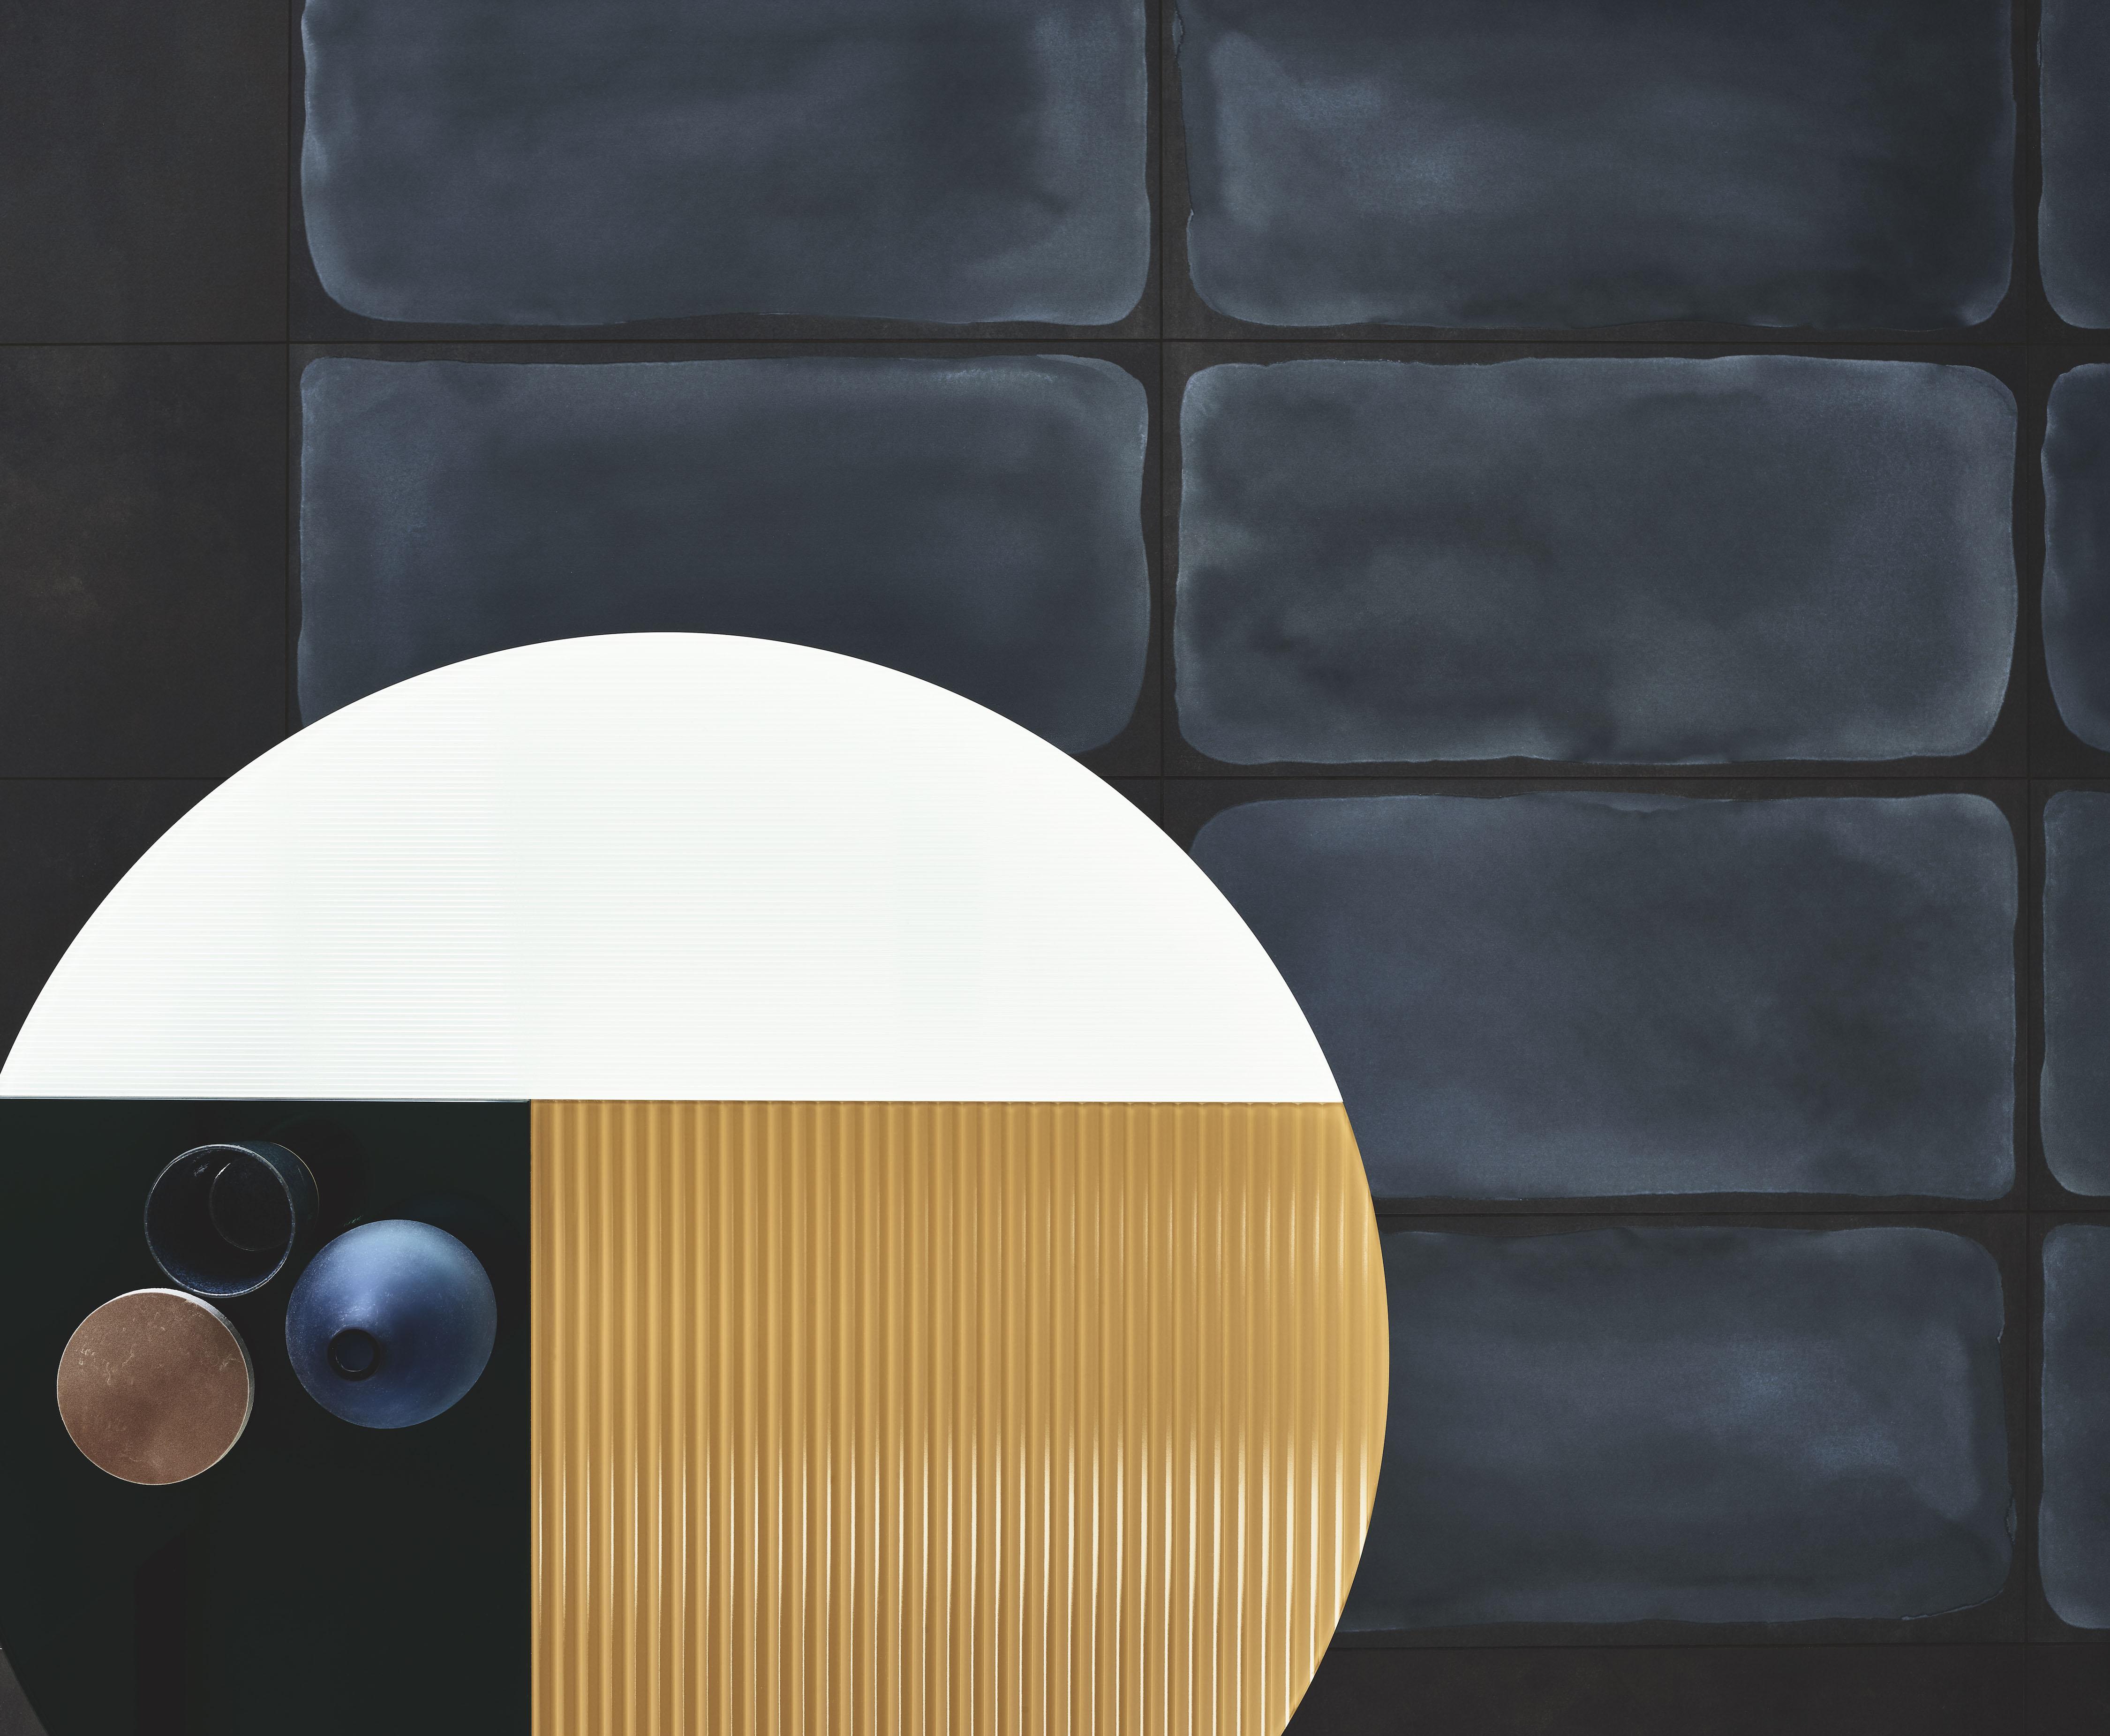 Shades by Ceramiche Piemme